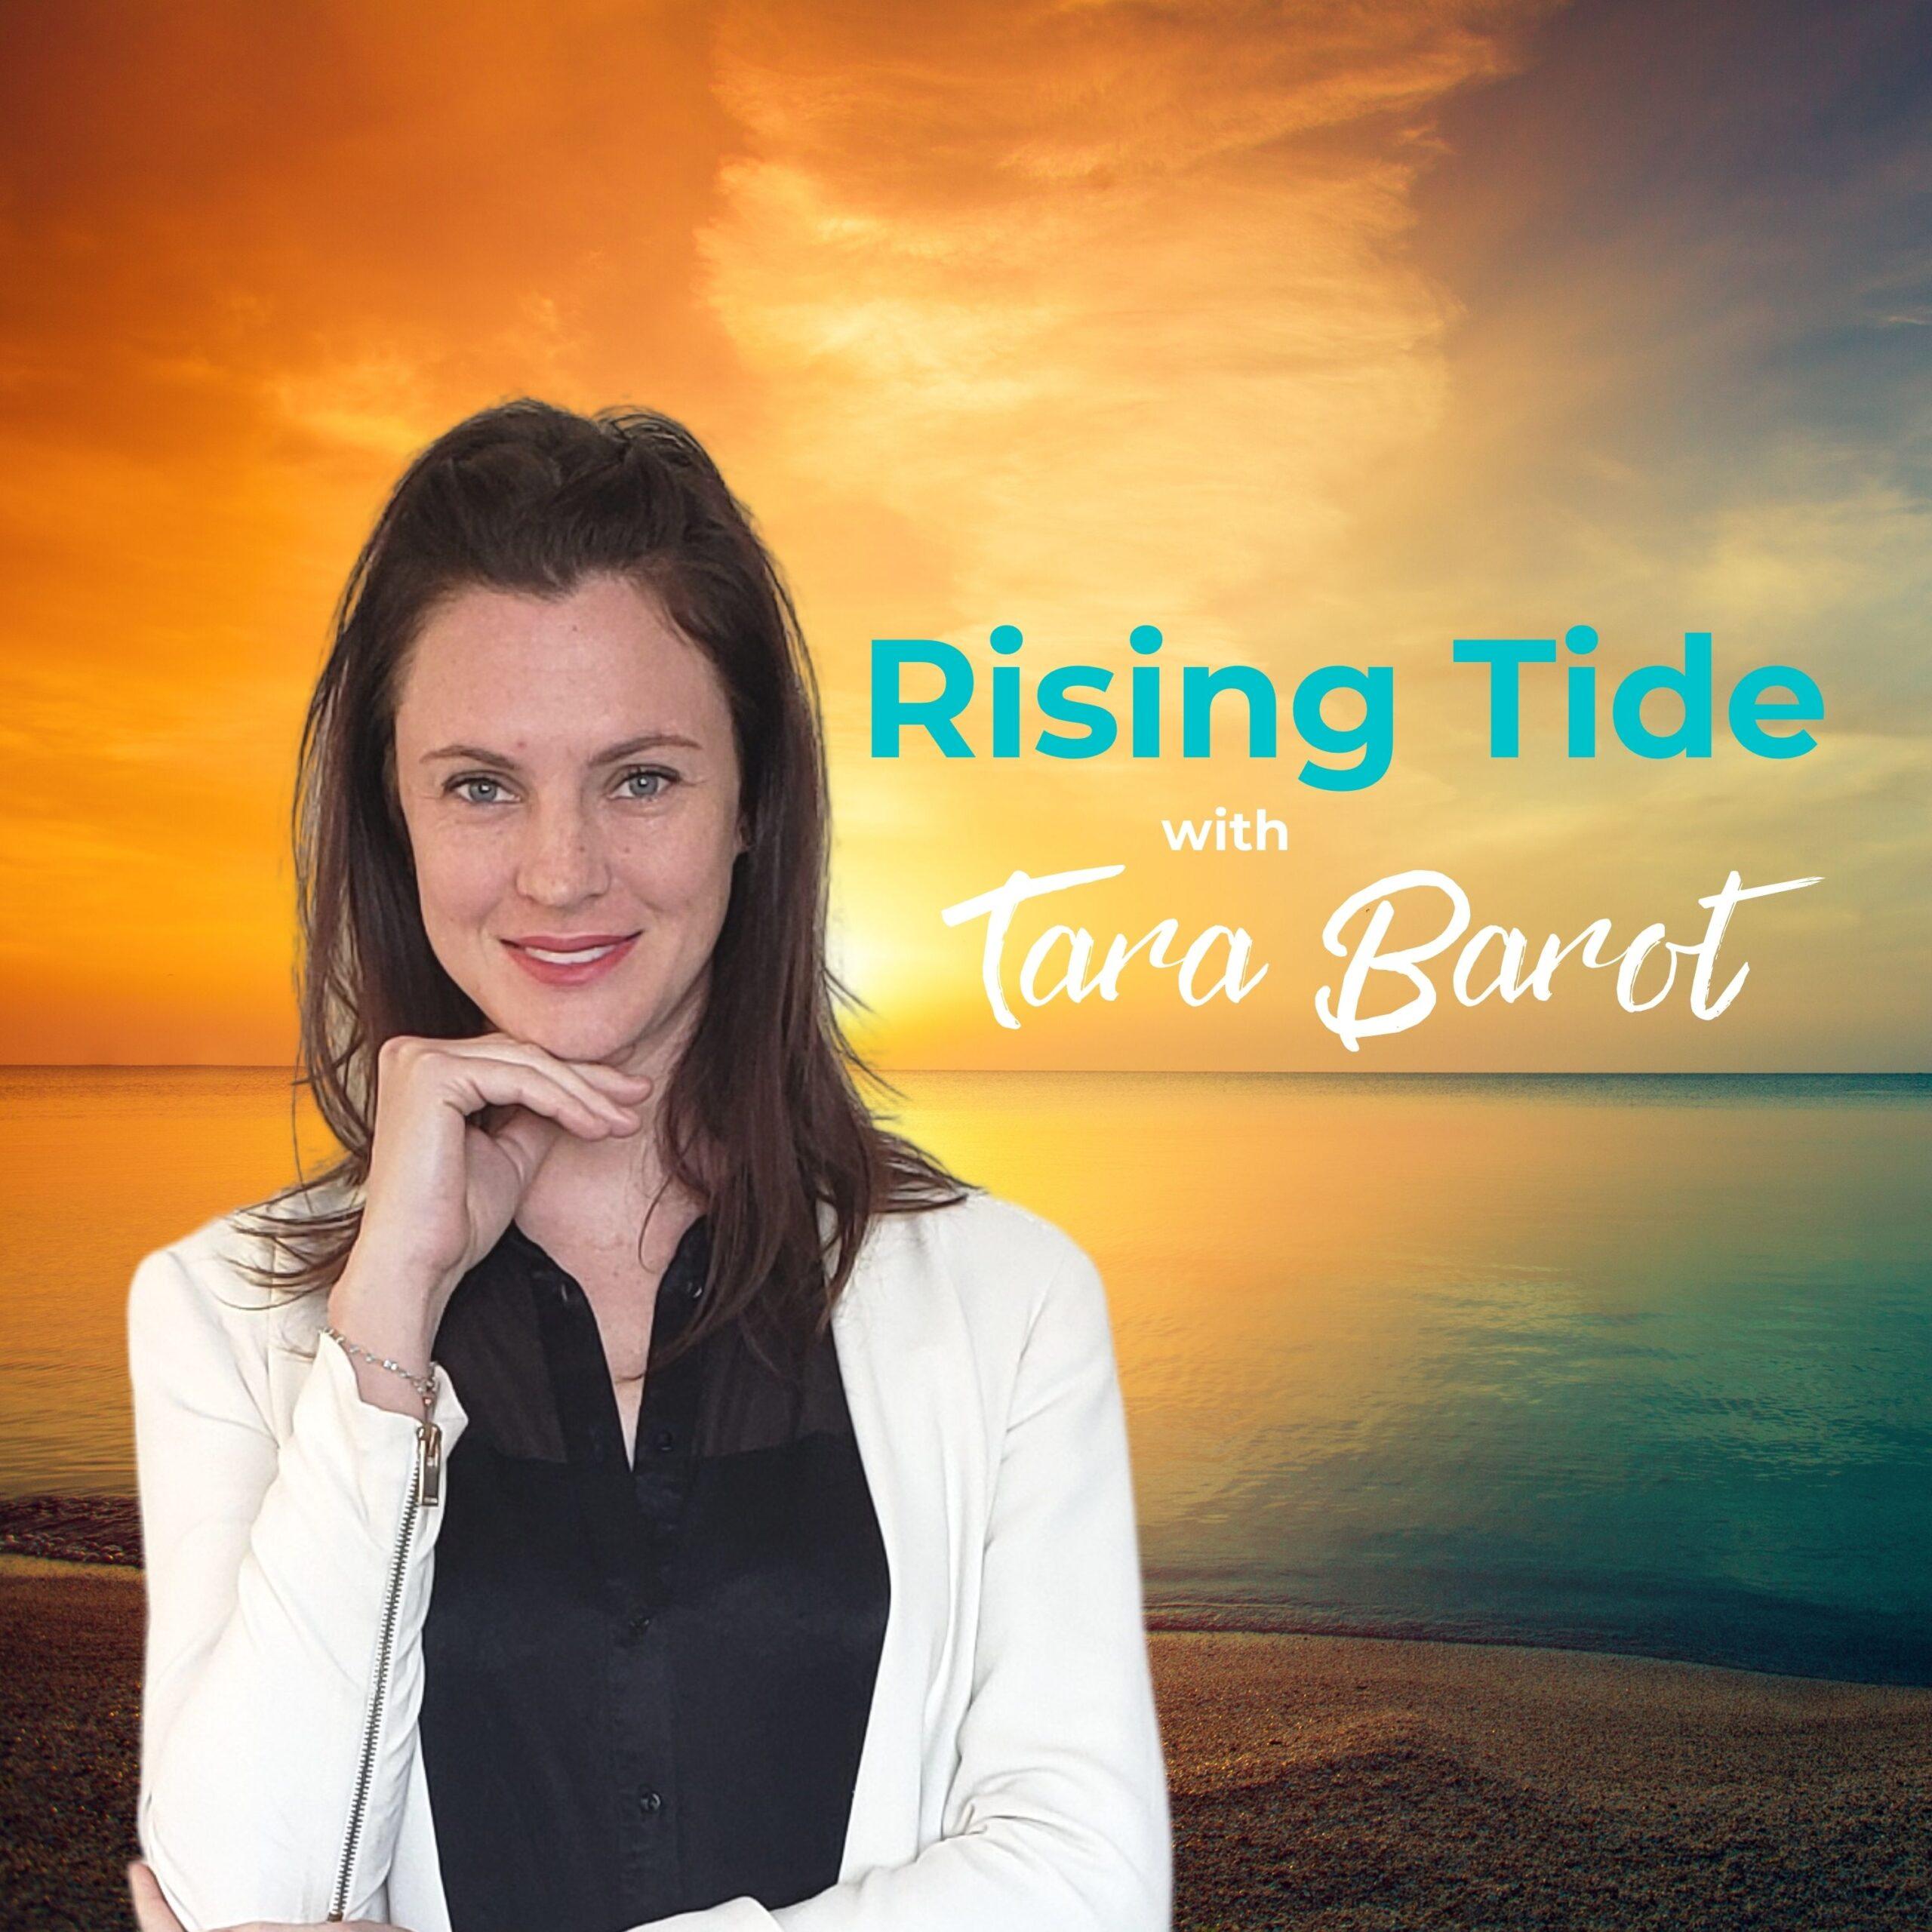 Tara Barot - Rising Tide podcast, video producer, entrepreneur, podcast host, speaker